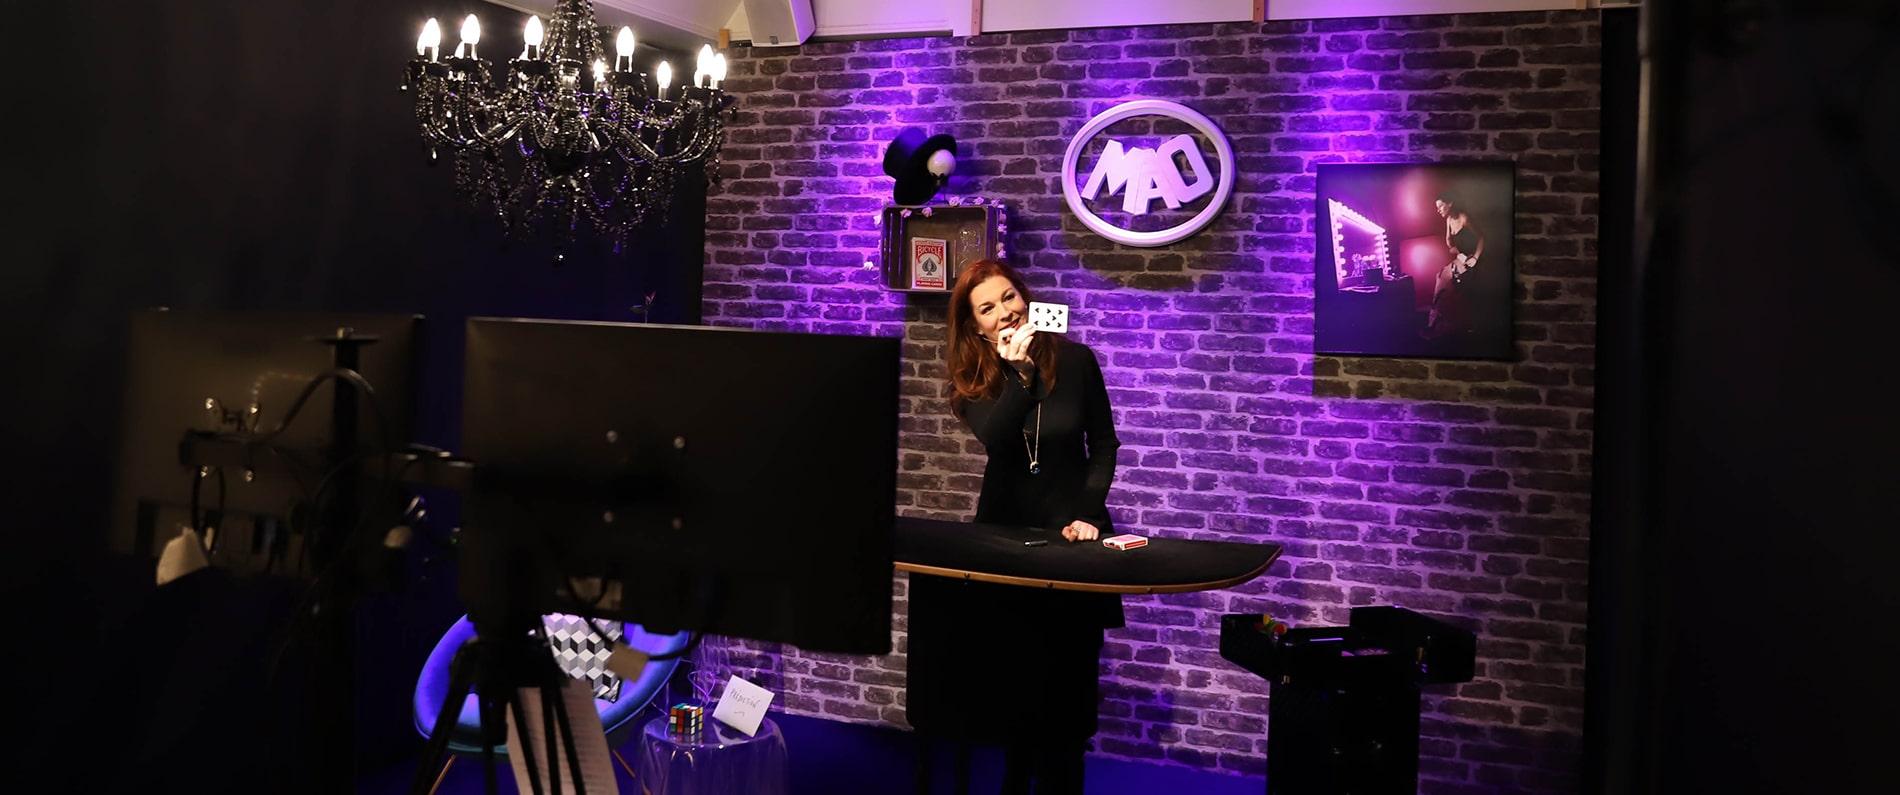 Agence evenementielle toulouse Spectacle de magie en streaming live